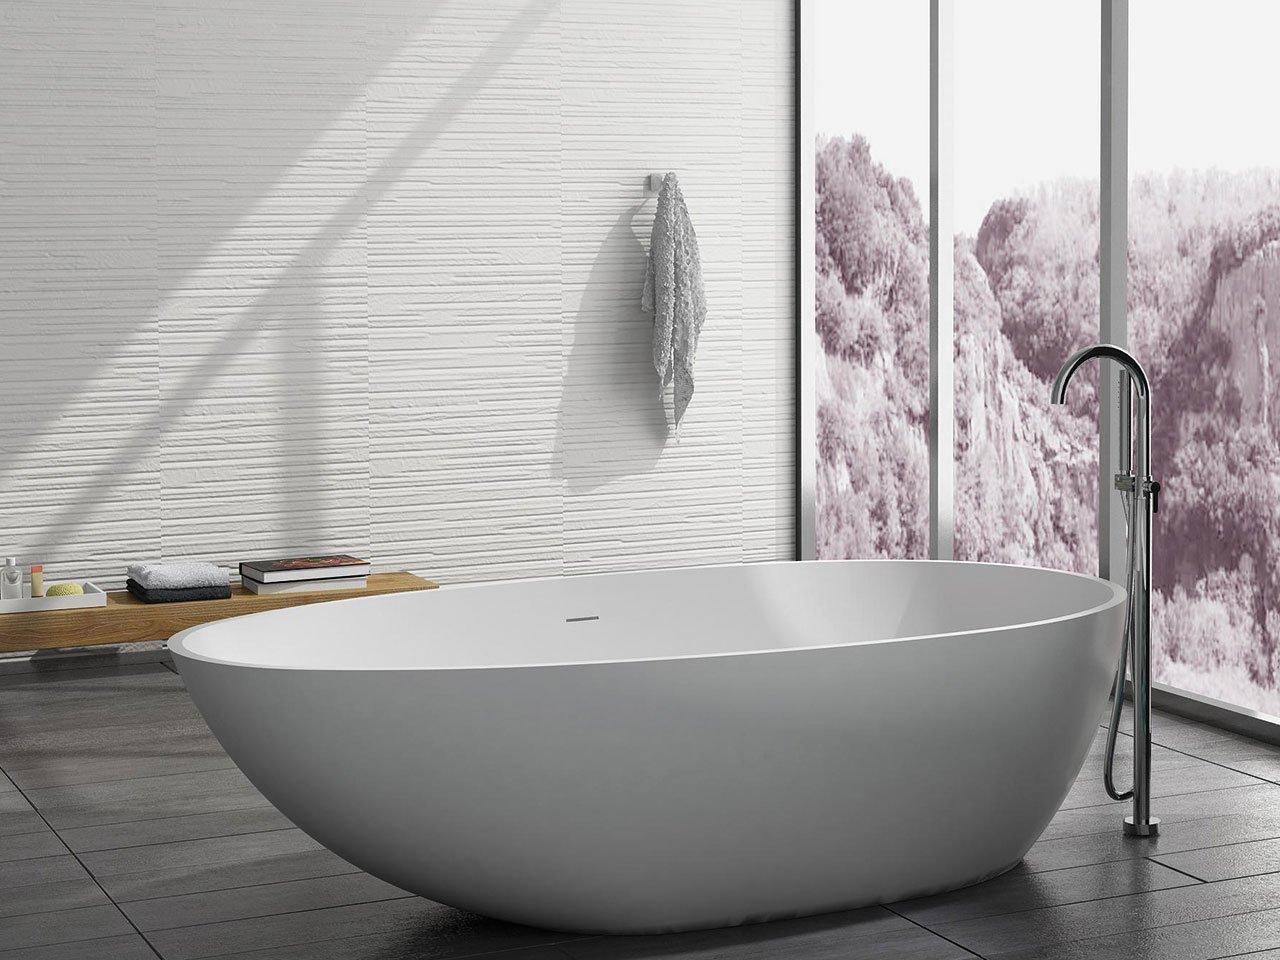 Vasca Da Bagno Tonda Prezzi : Vasca da bagno jacuzzi prezzi miscelatori vasca da bagno jacuzzi